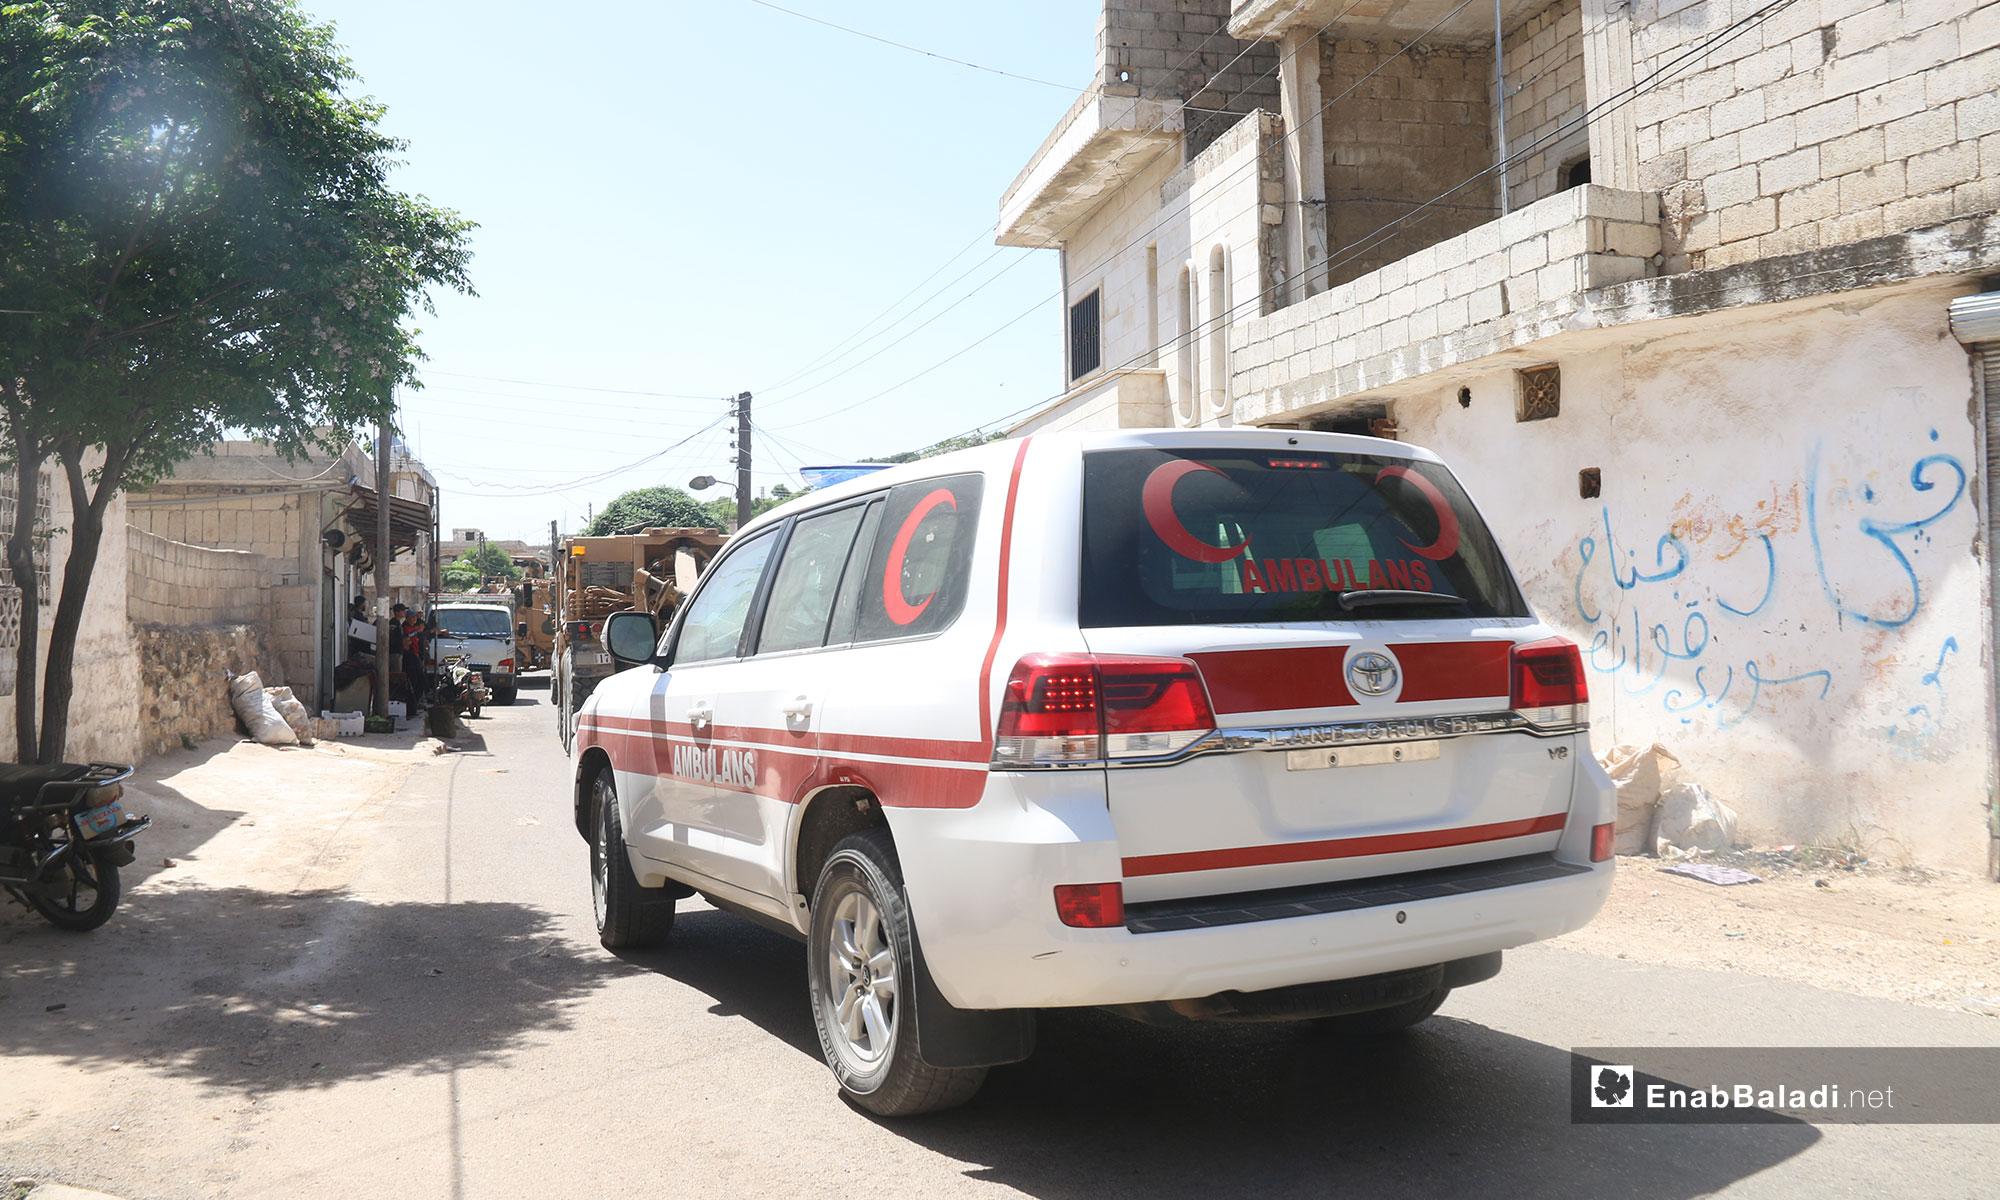 رتل تركي يدخل ريف إدلب باتجاه سهل الغاب بريف حماة - 17 من أيار 2019 (عنب بلدي)